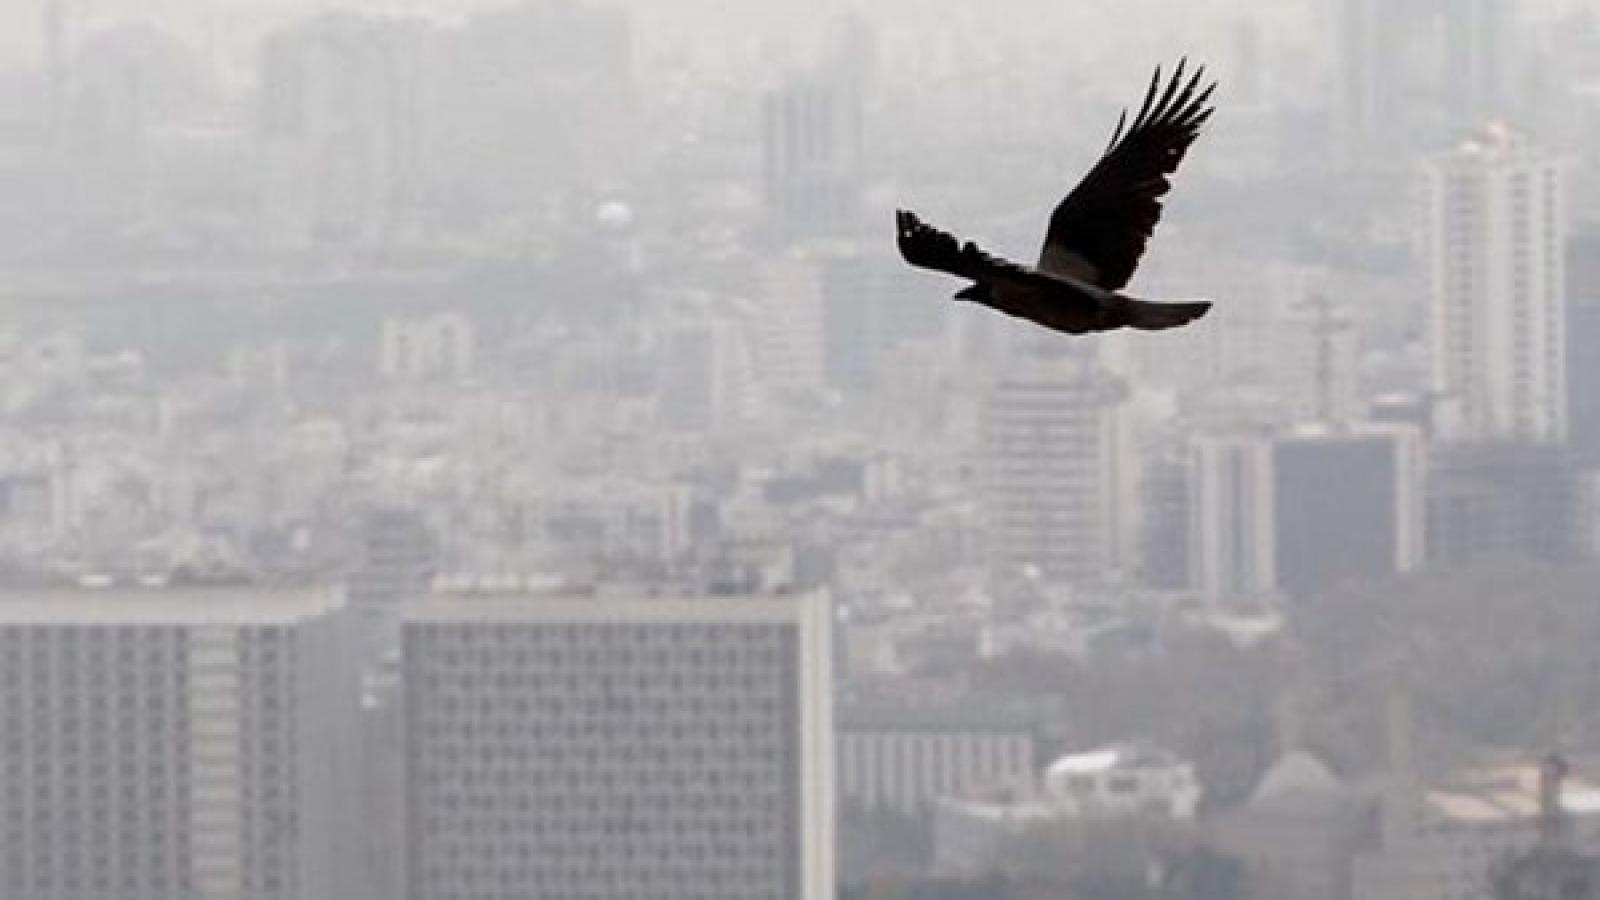 خودروها بیشترین سهم را در تولید آلودگی هوای تهران دارند - اجاره خودرو طباطبایی